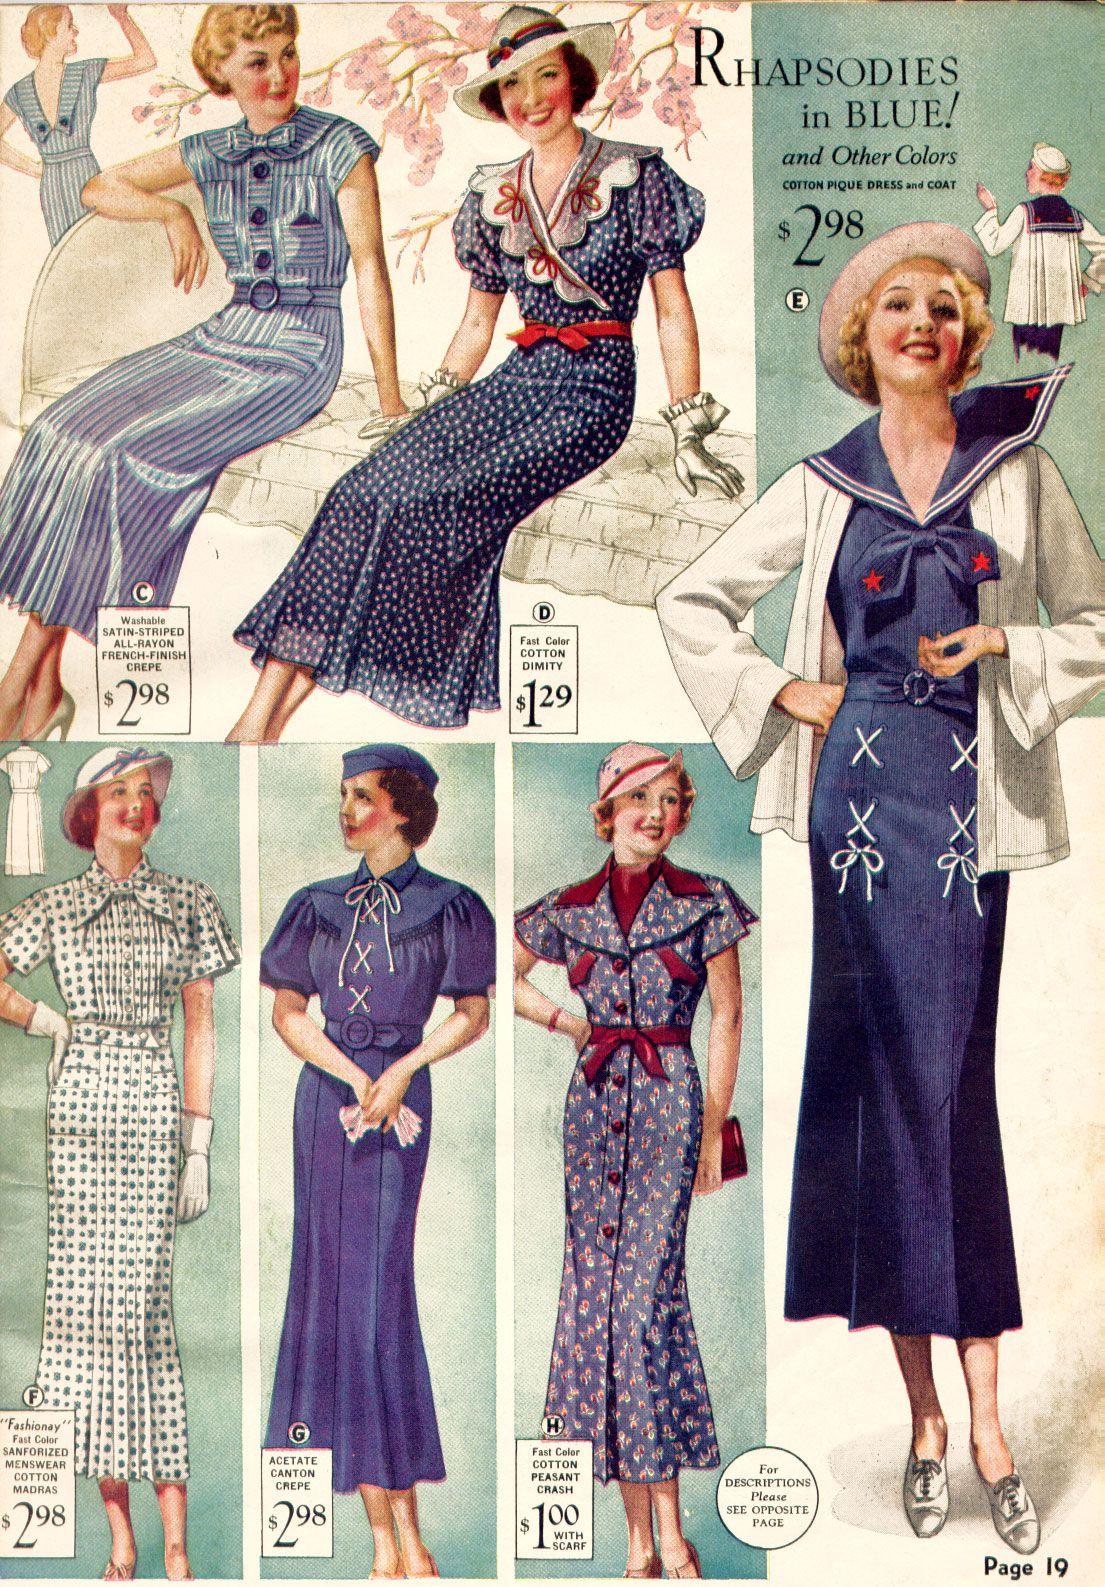 b45cc90838 My 1930s Fashion Obsession | 1930s Fashion | Fashion, 1930s fashion ...